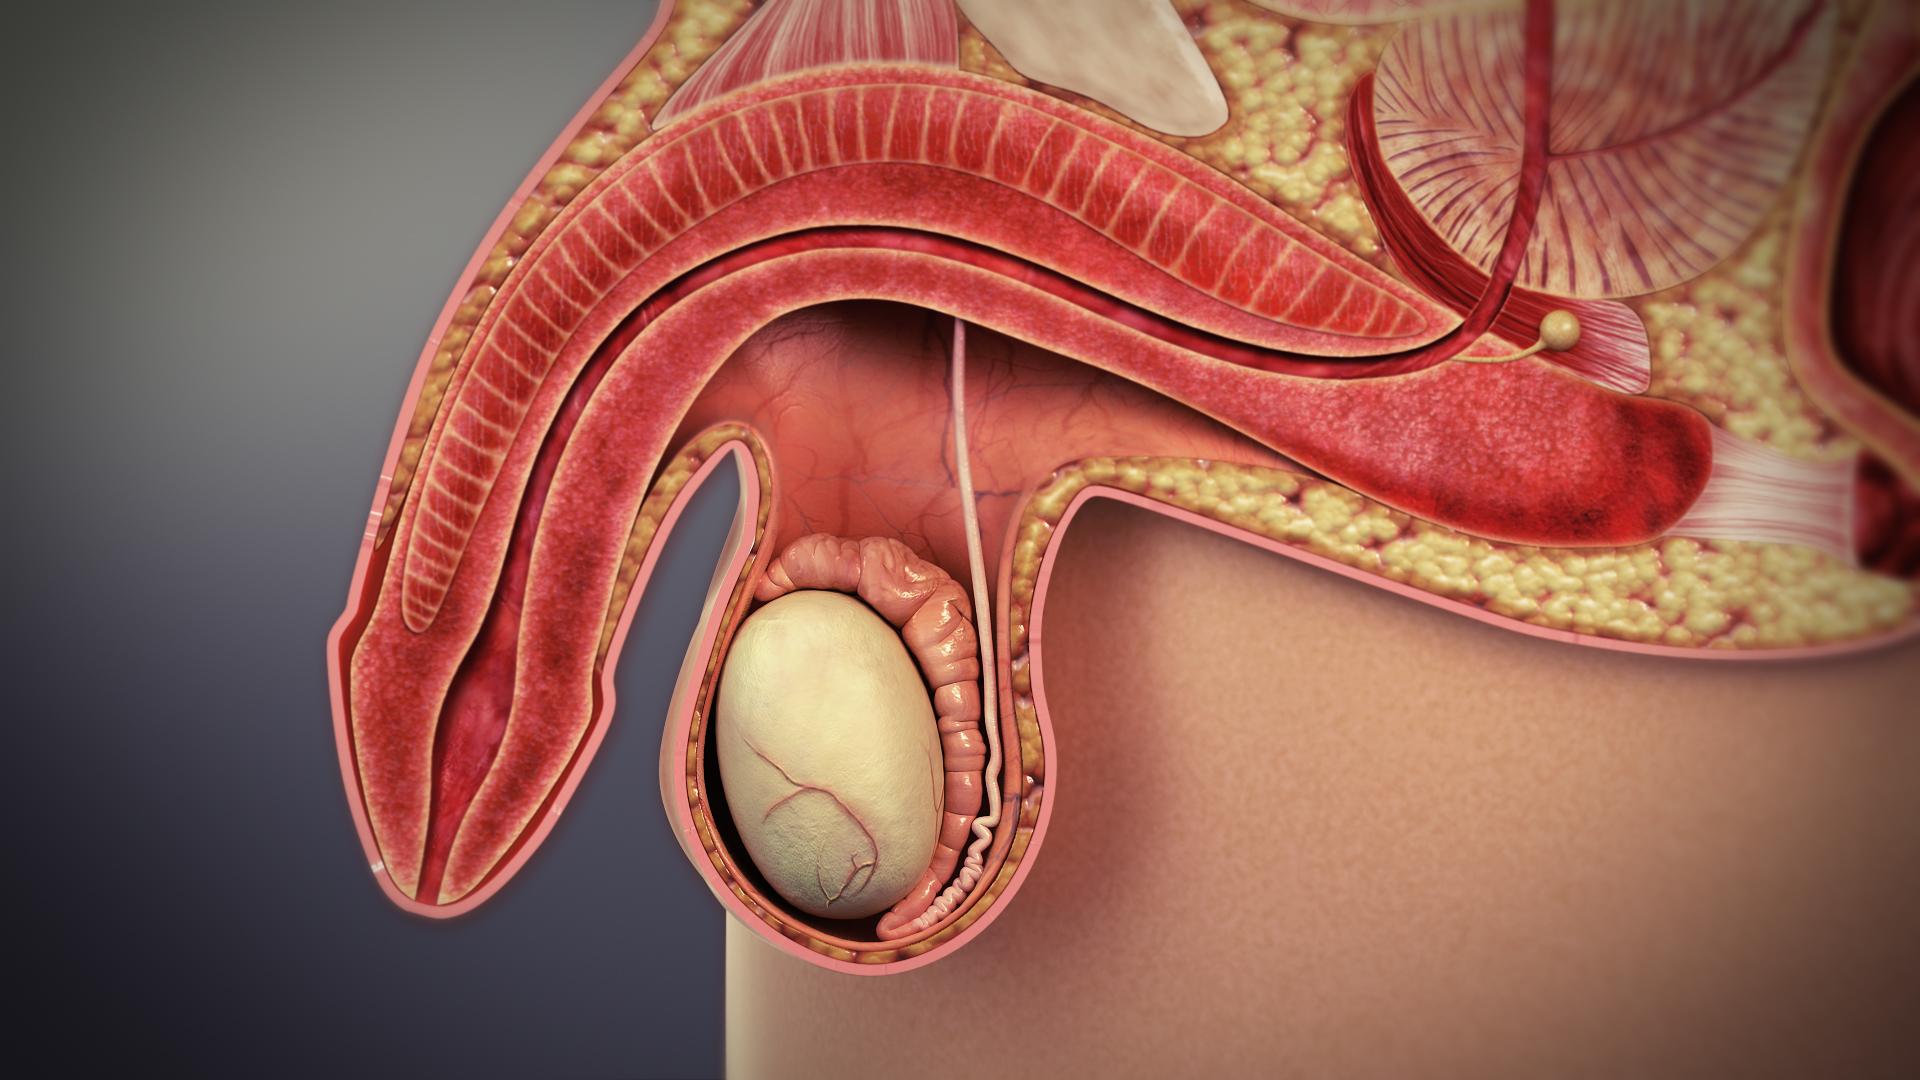 Objawy raka gruczołu krokowego